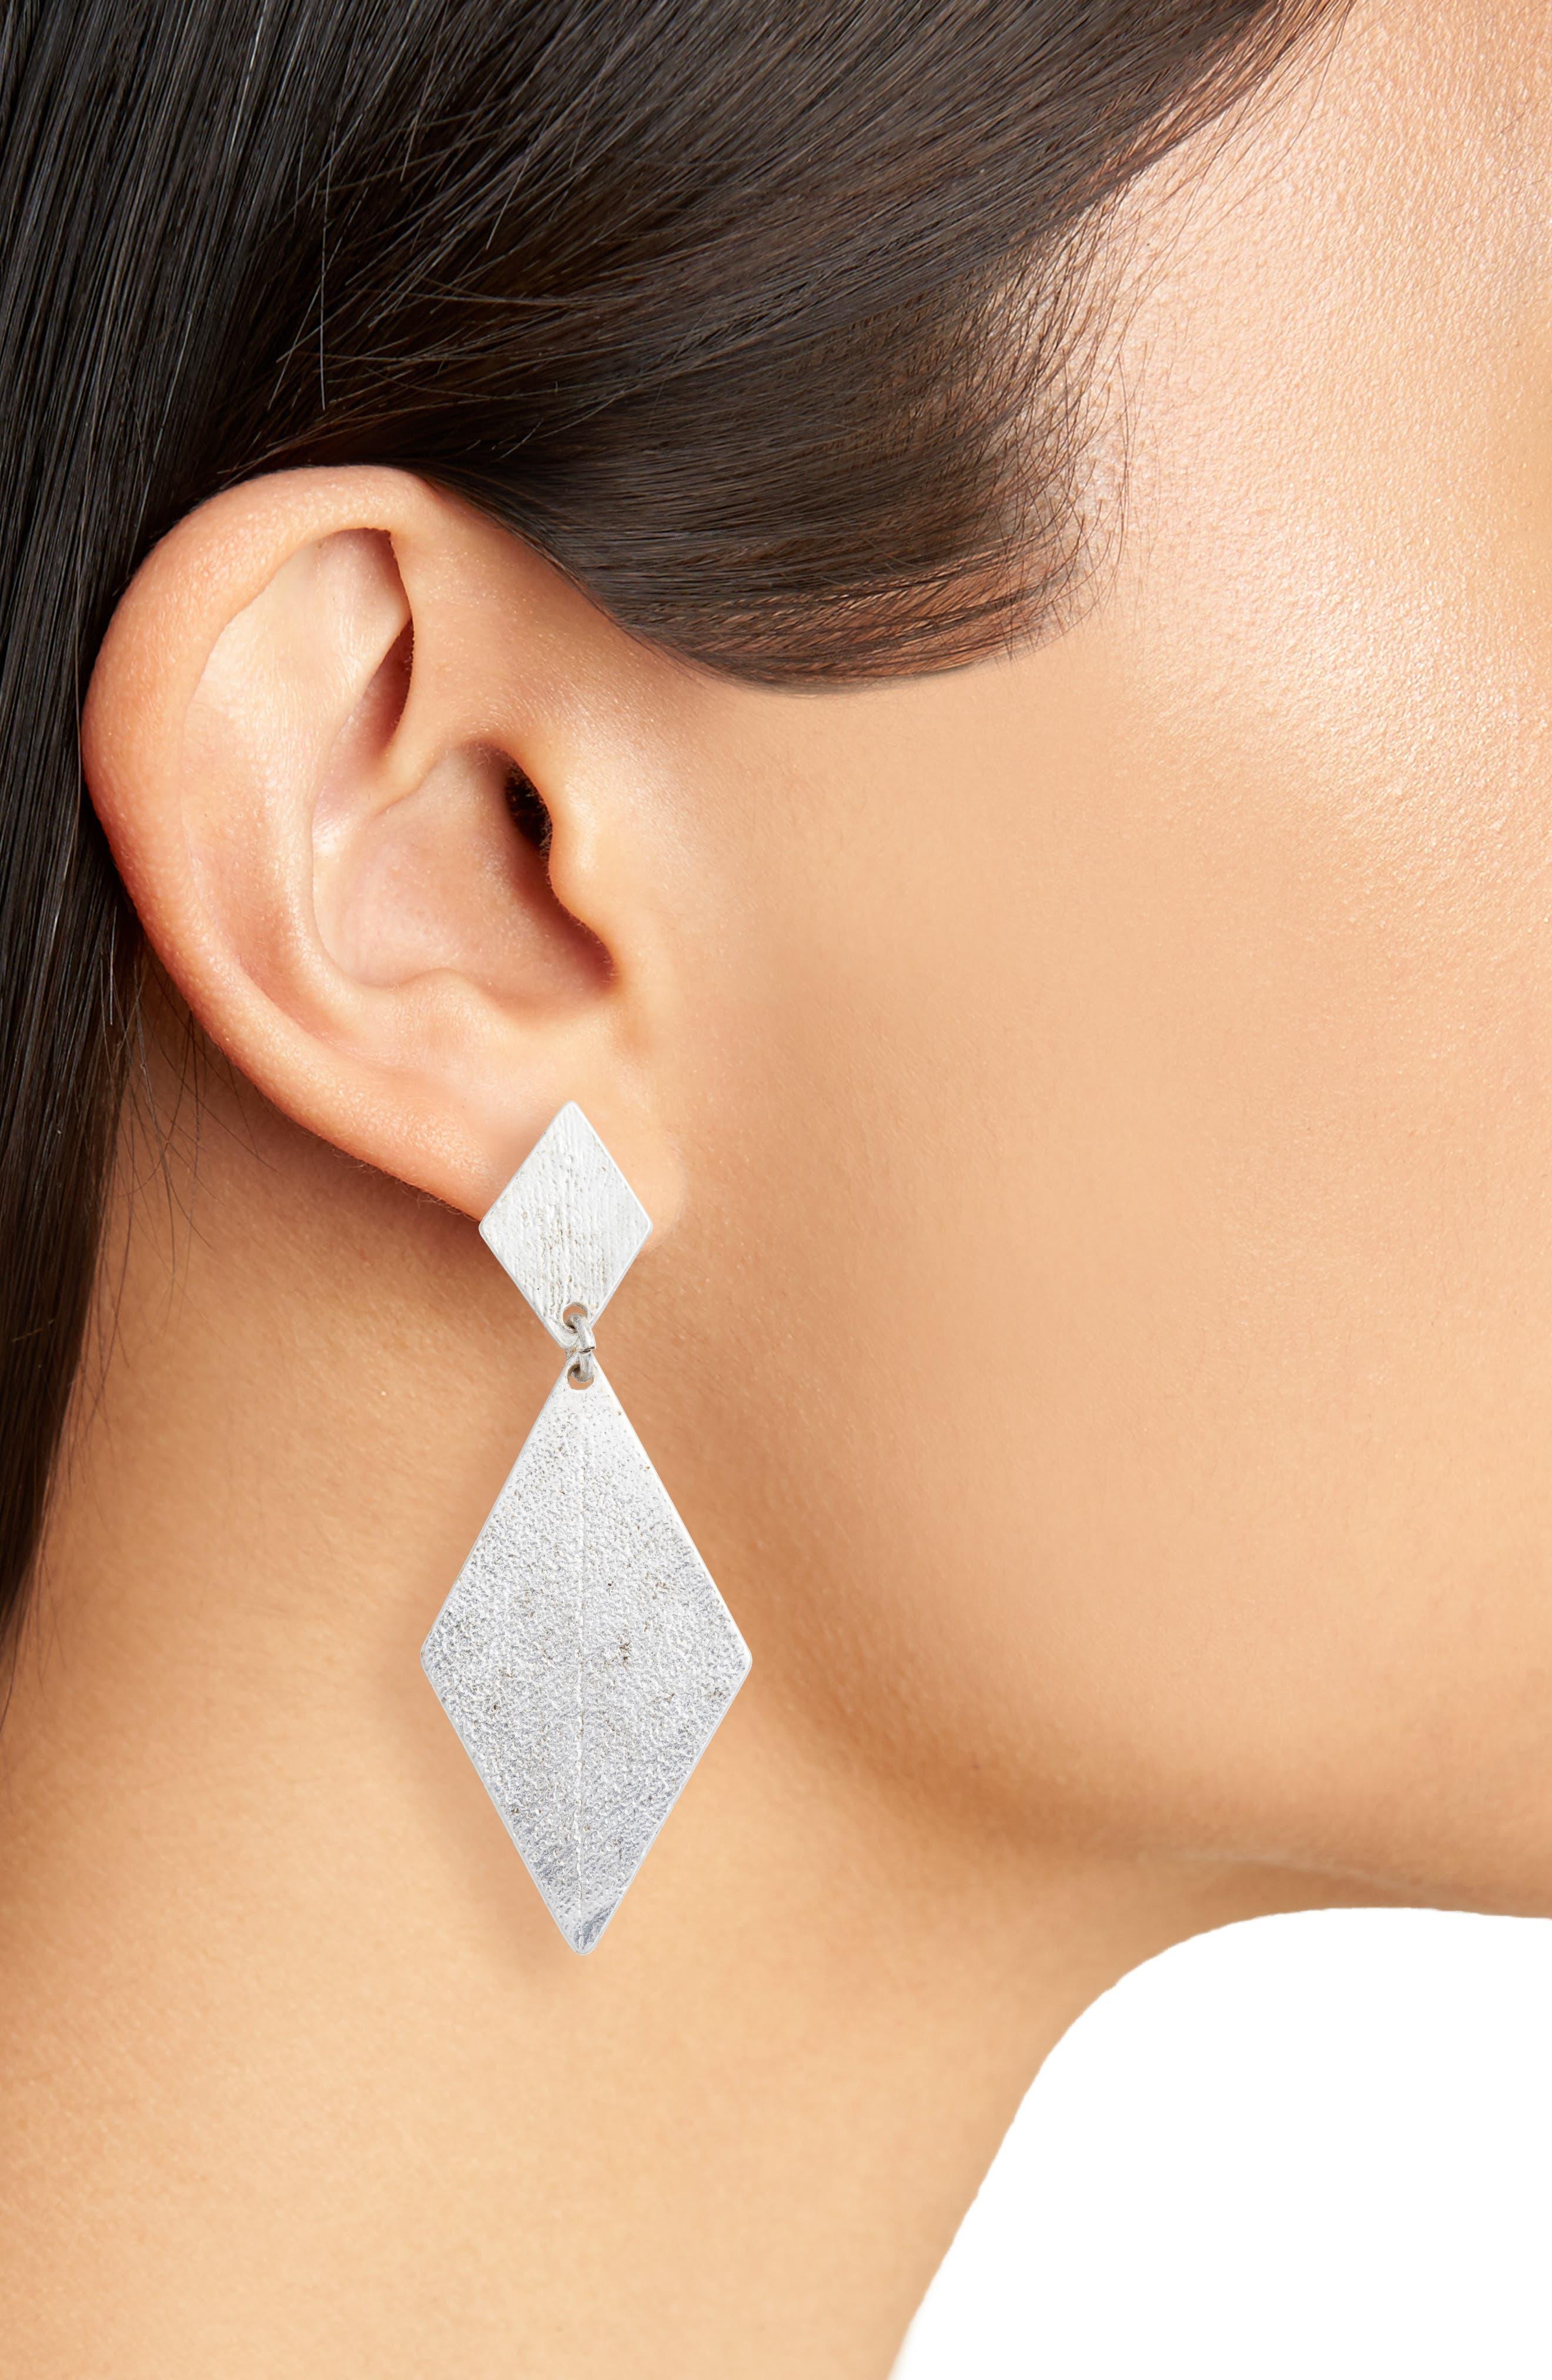 Kite Earrings,                             Alternate thumbnail 2, color,                             SILVER